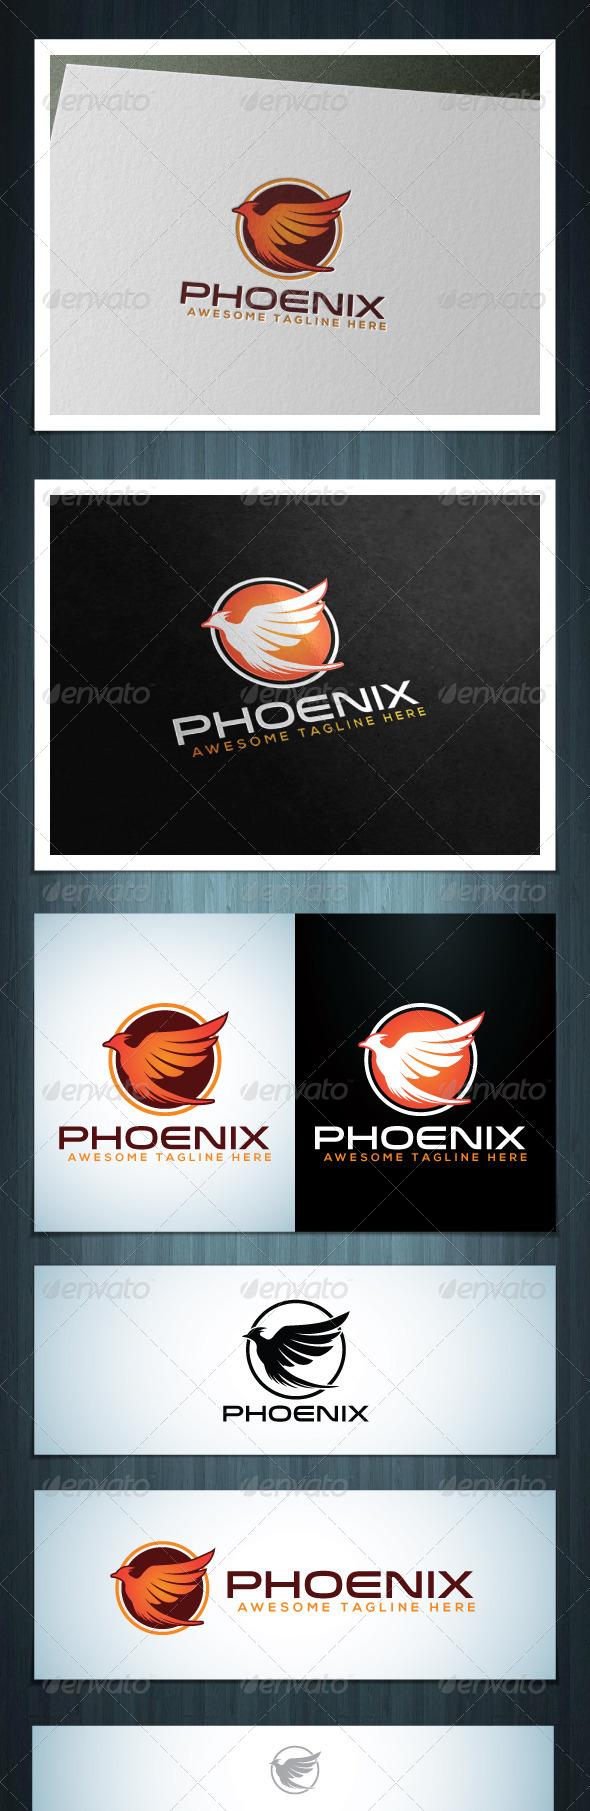 GraphicRiver Phoenix 2 7638325